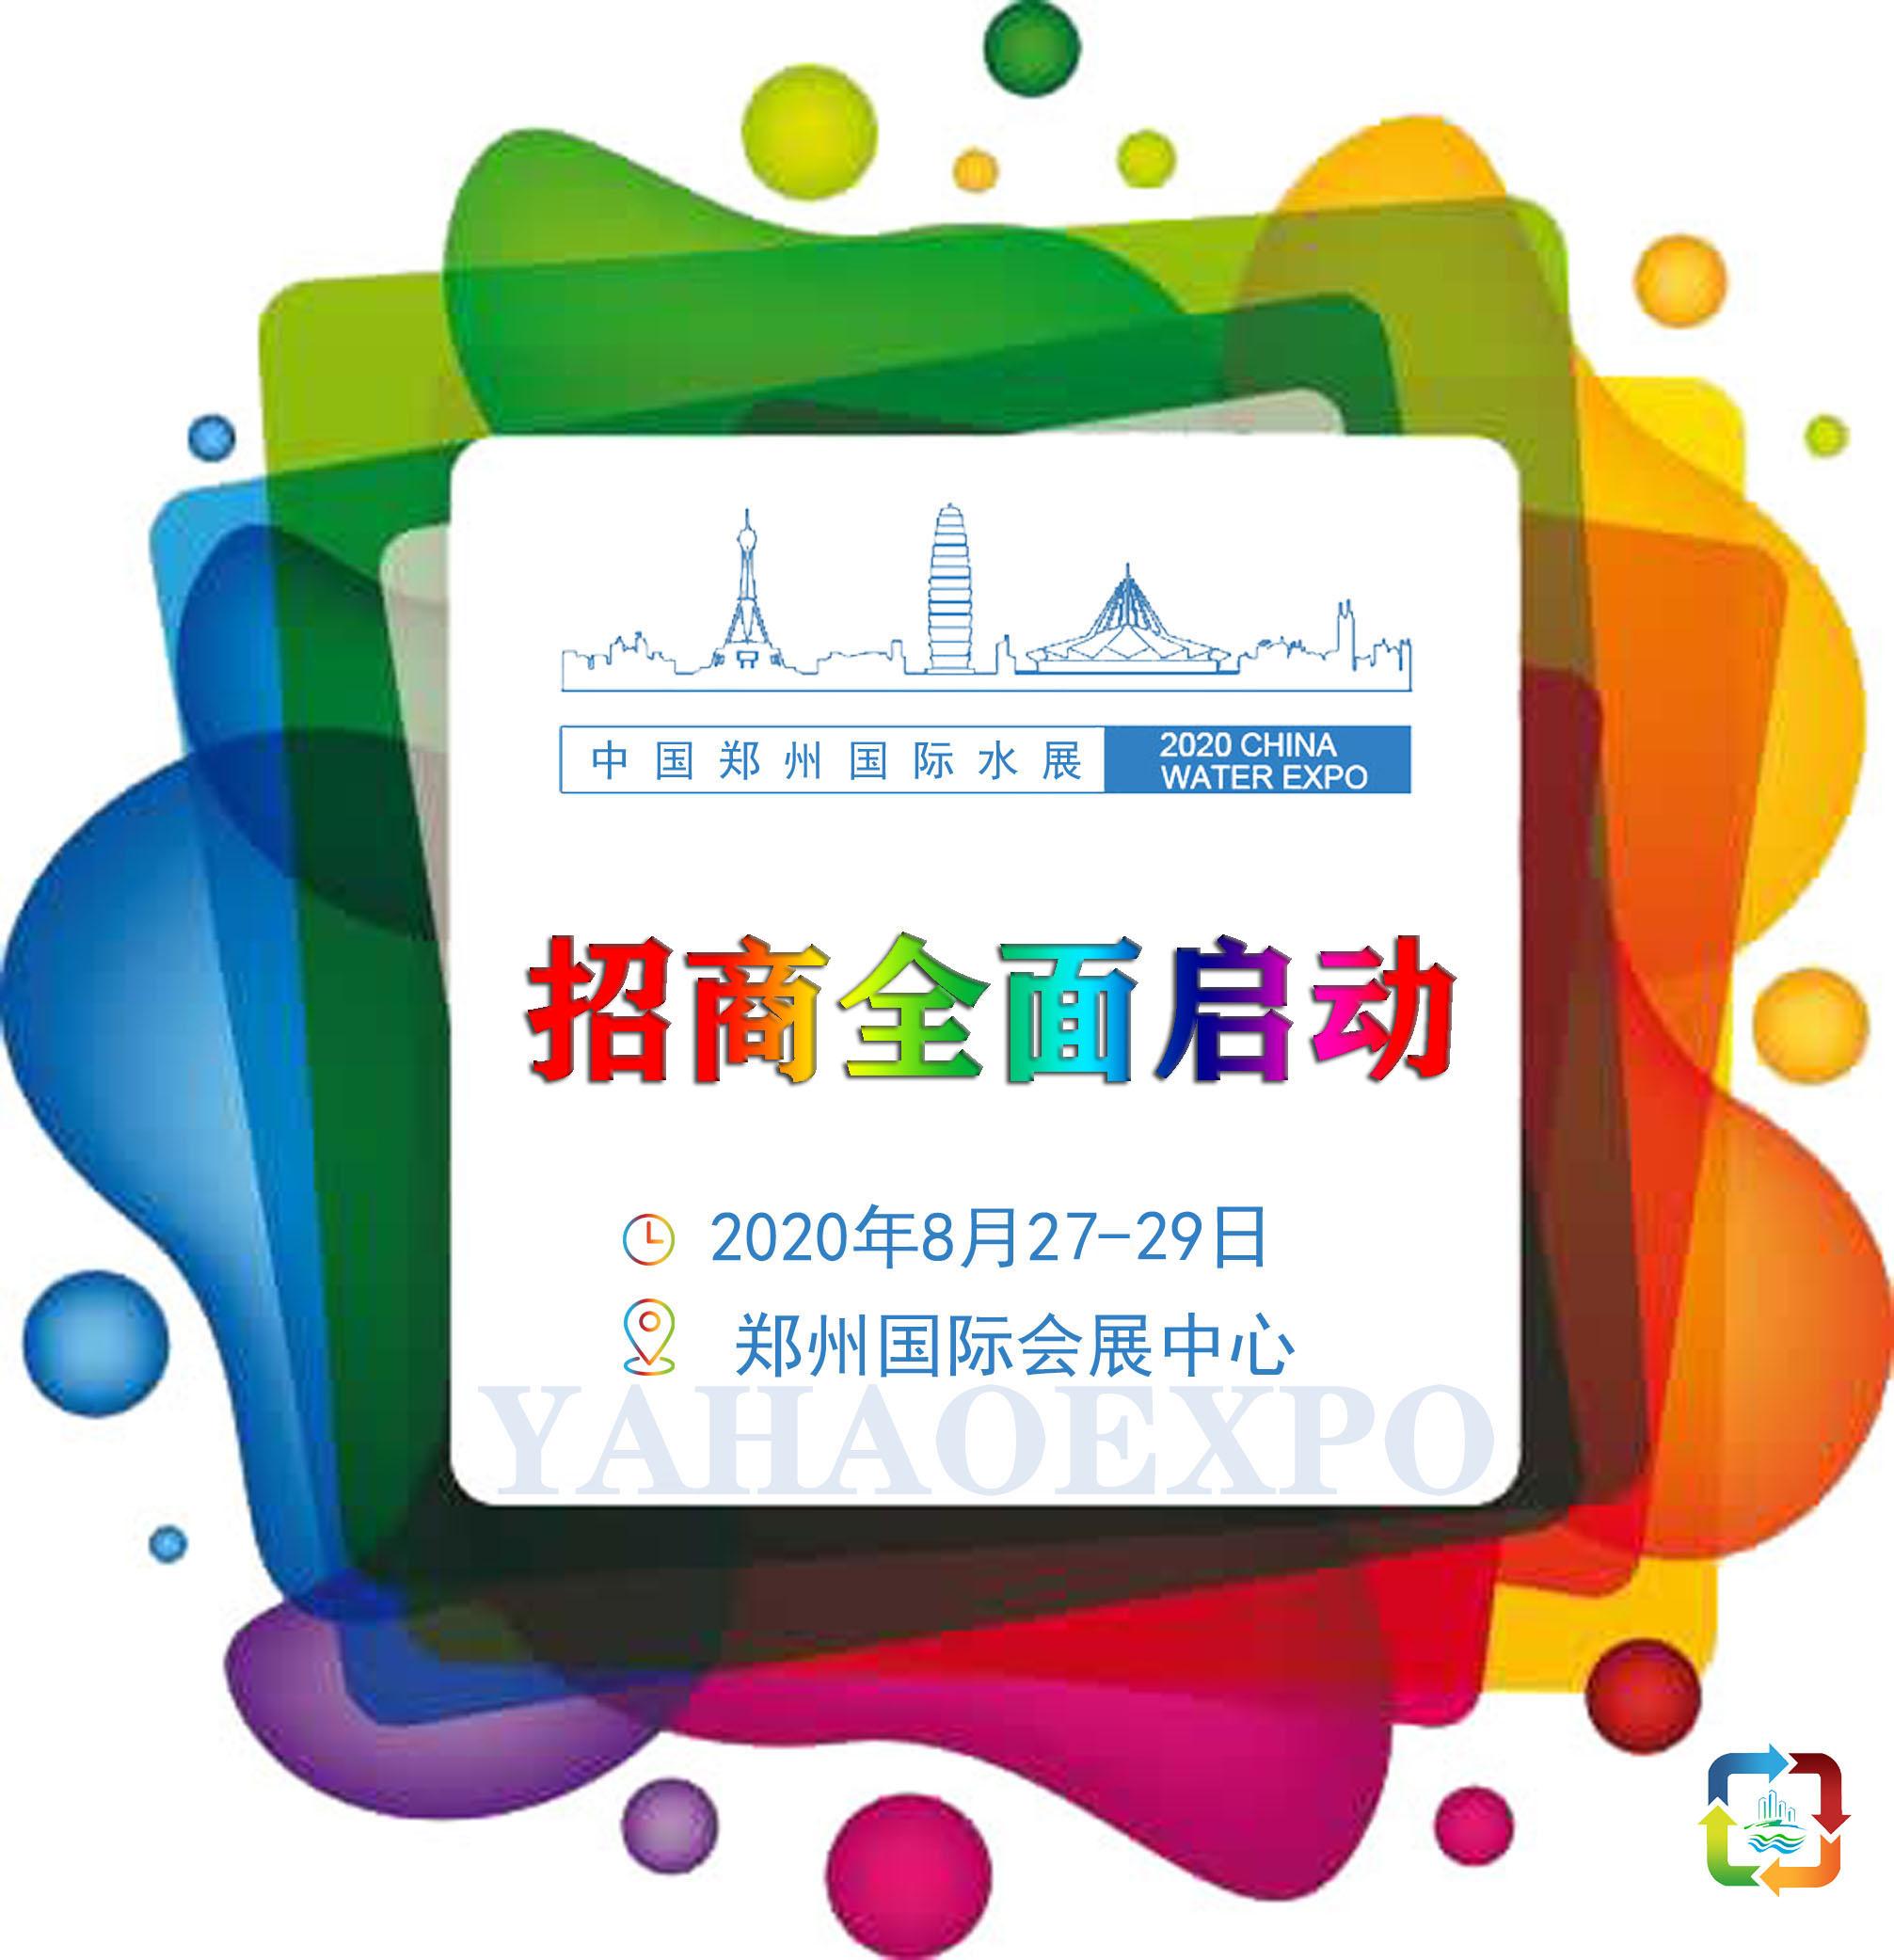 2020第五屆中國(鄭州)國際水展暨城鎮水務給排水技術設備與水處理博覽會